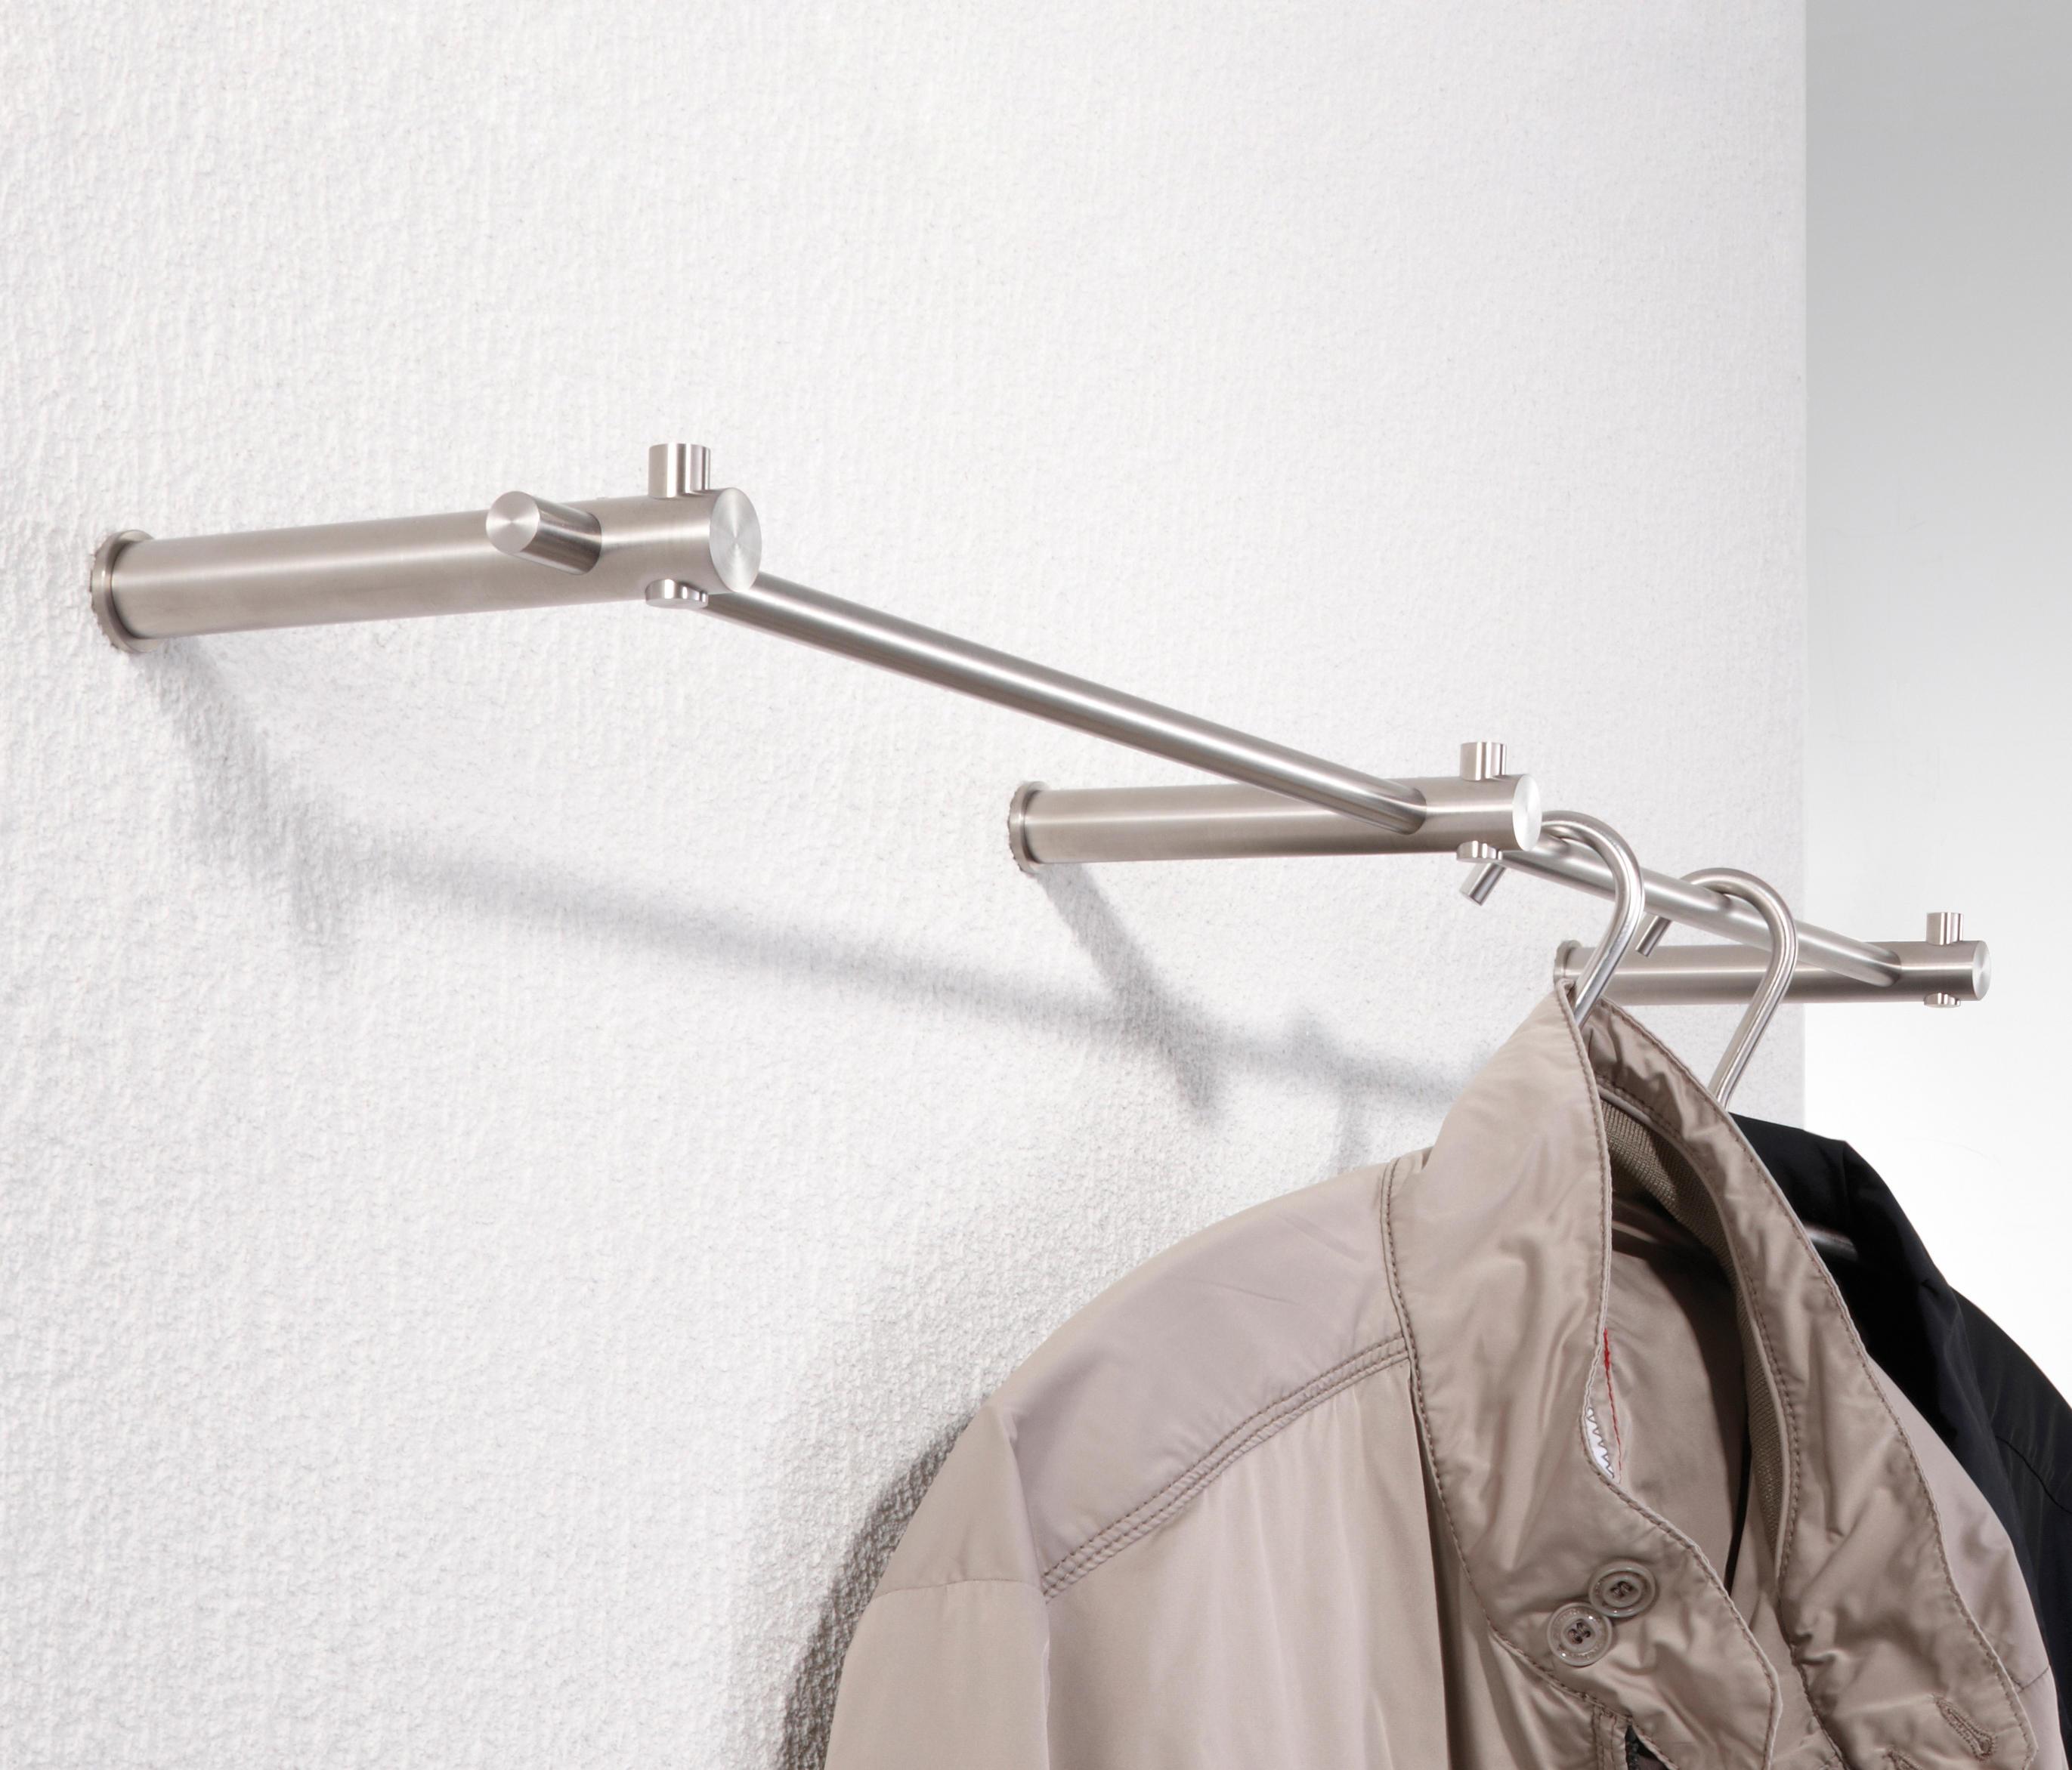 wandgarderobe g4 1200 wandgarderoben von phos design architonic. Black Bedroom Furniture Sets. Home Design Ideas